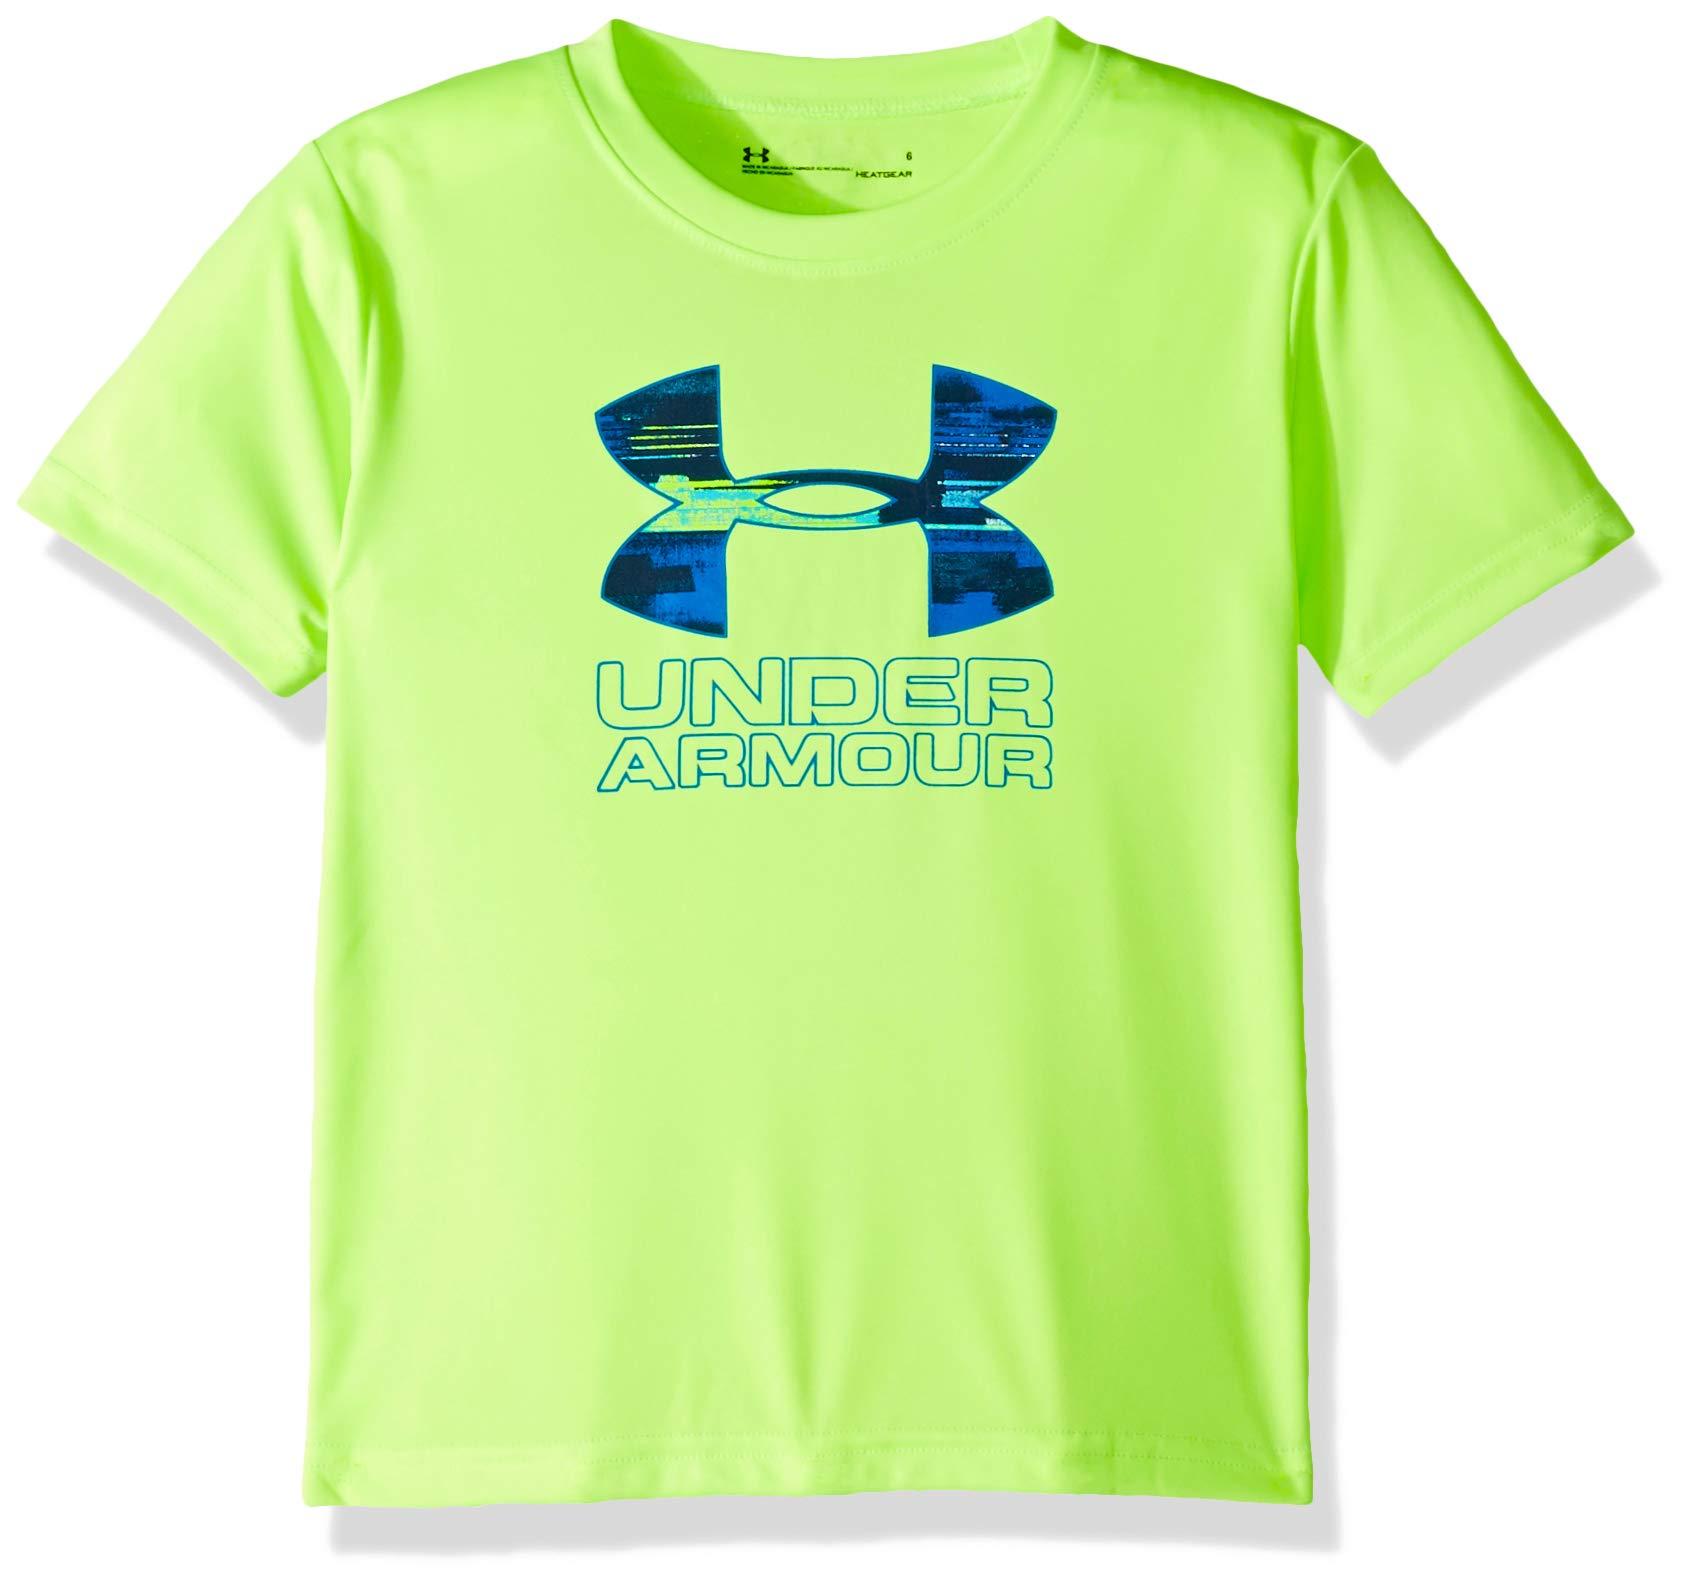 Under Armour Boys' Little Big Logo Short Sleeve Tee Shirt, Limelight-S19, 5